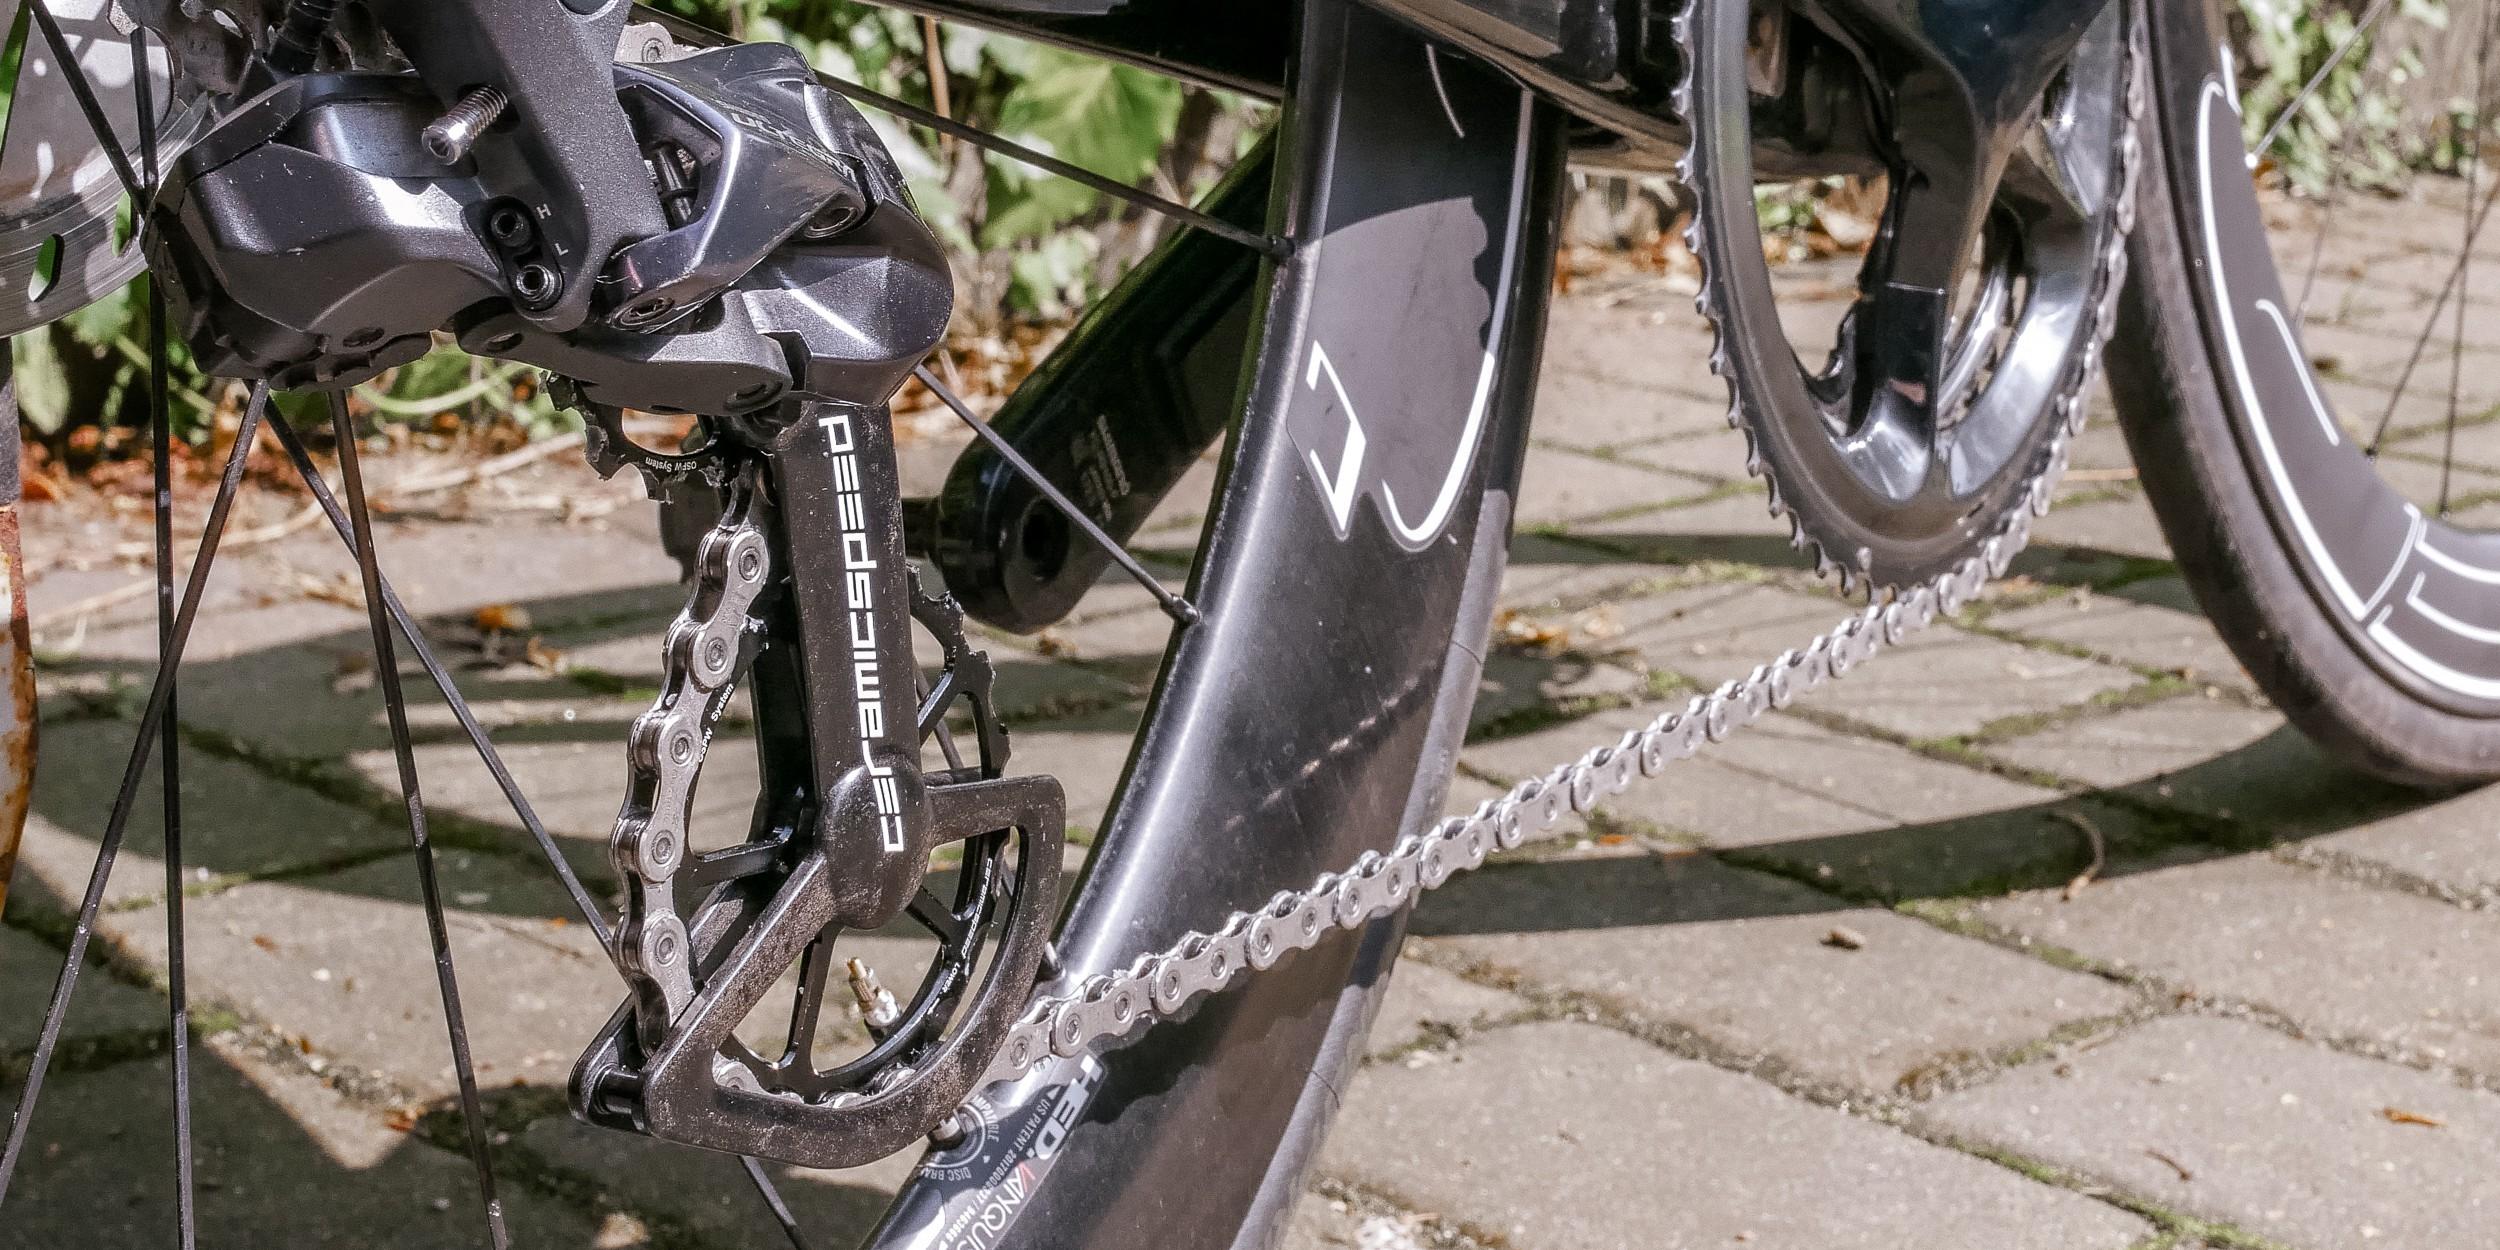 CeramicSpeed Fahrrad Innenlager günstig kaufen   eBay